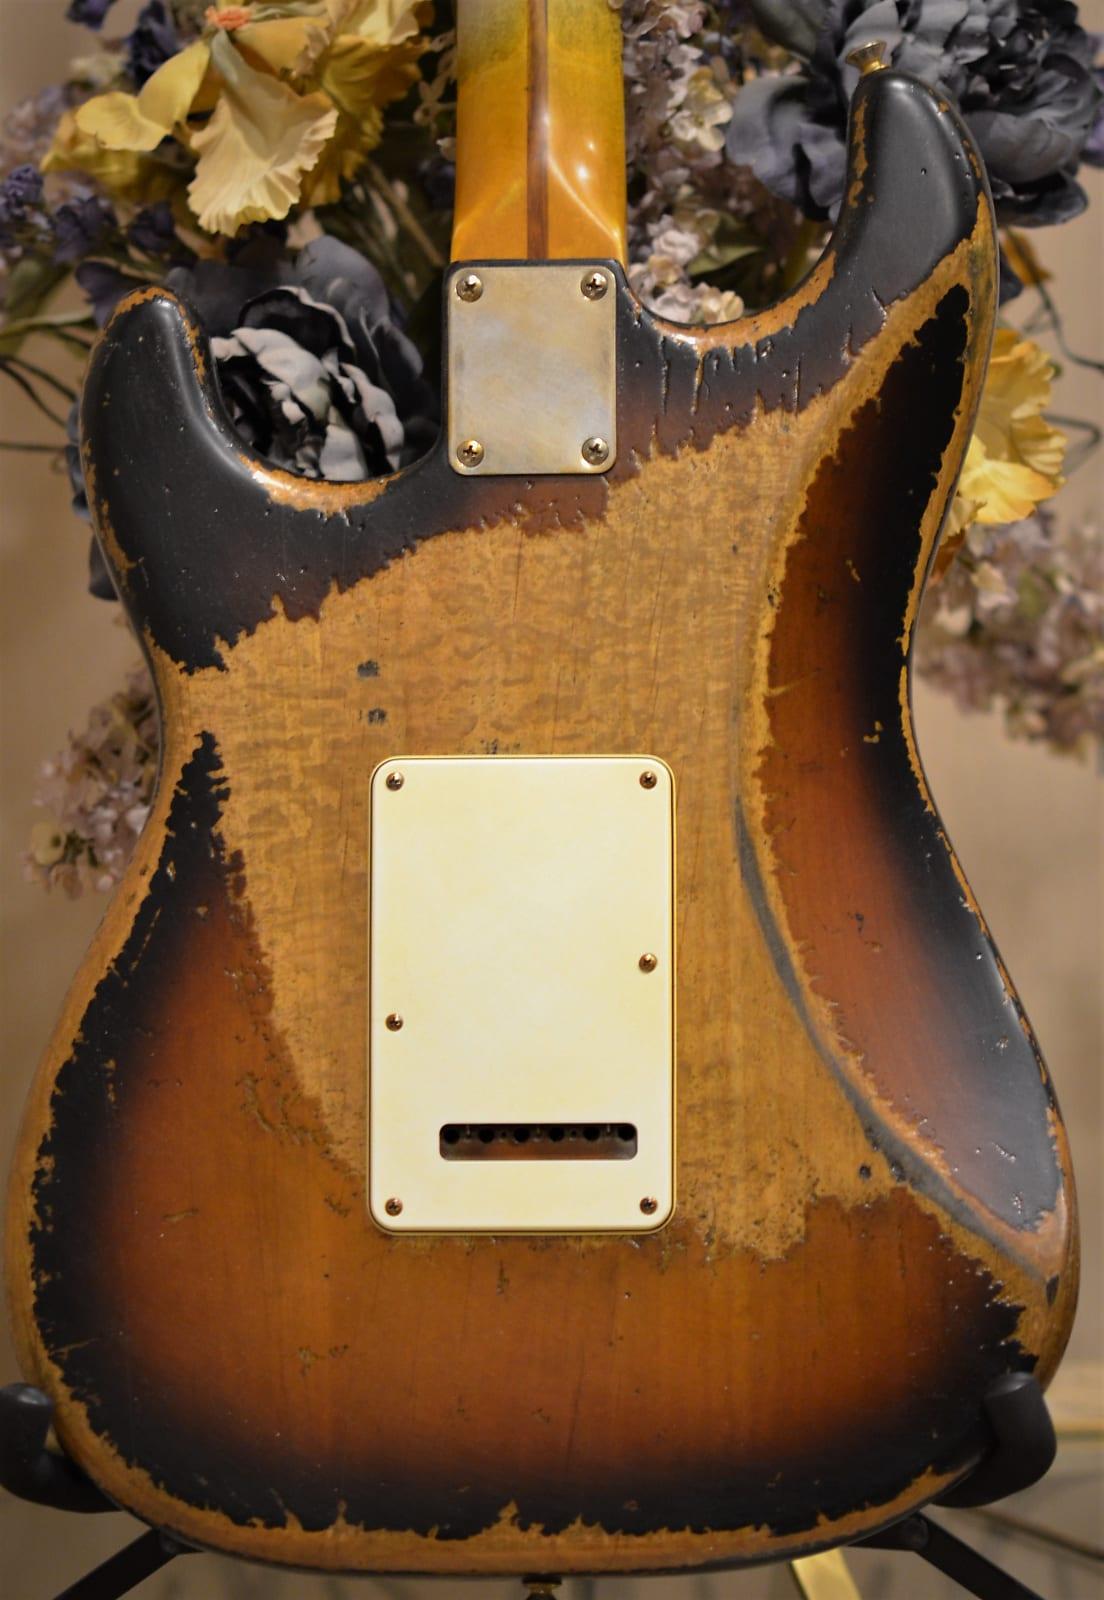 Back Fender Sunburst Stratocaster Heavy Relic